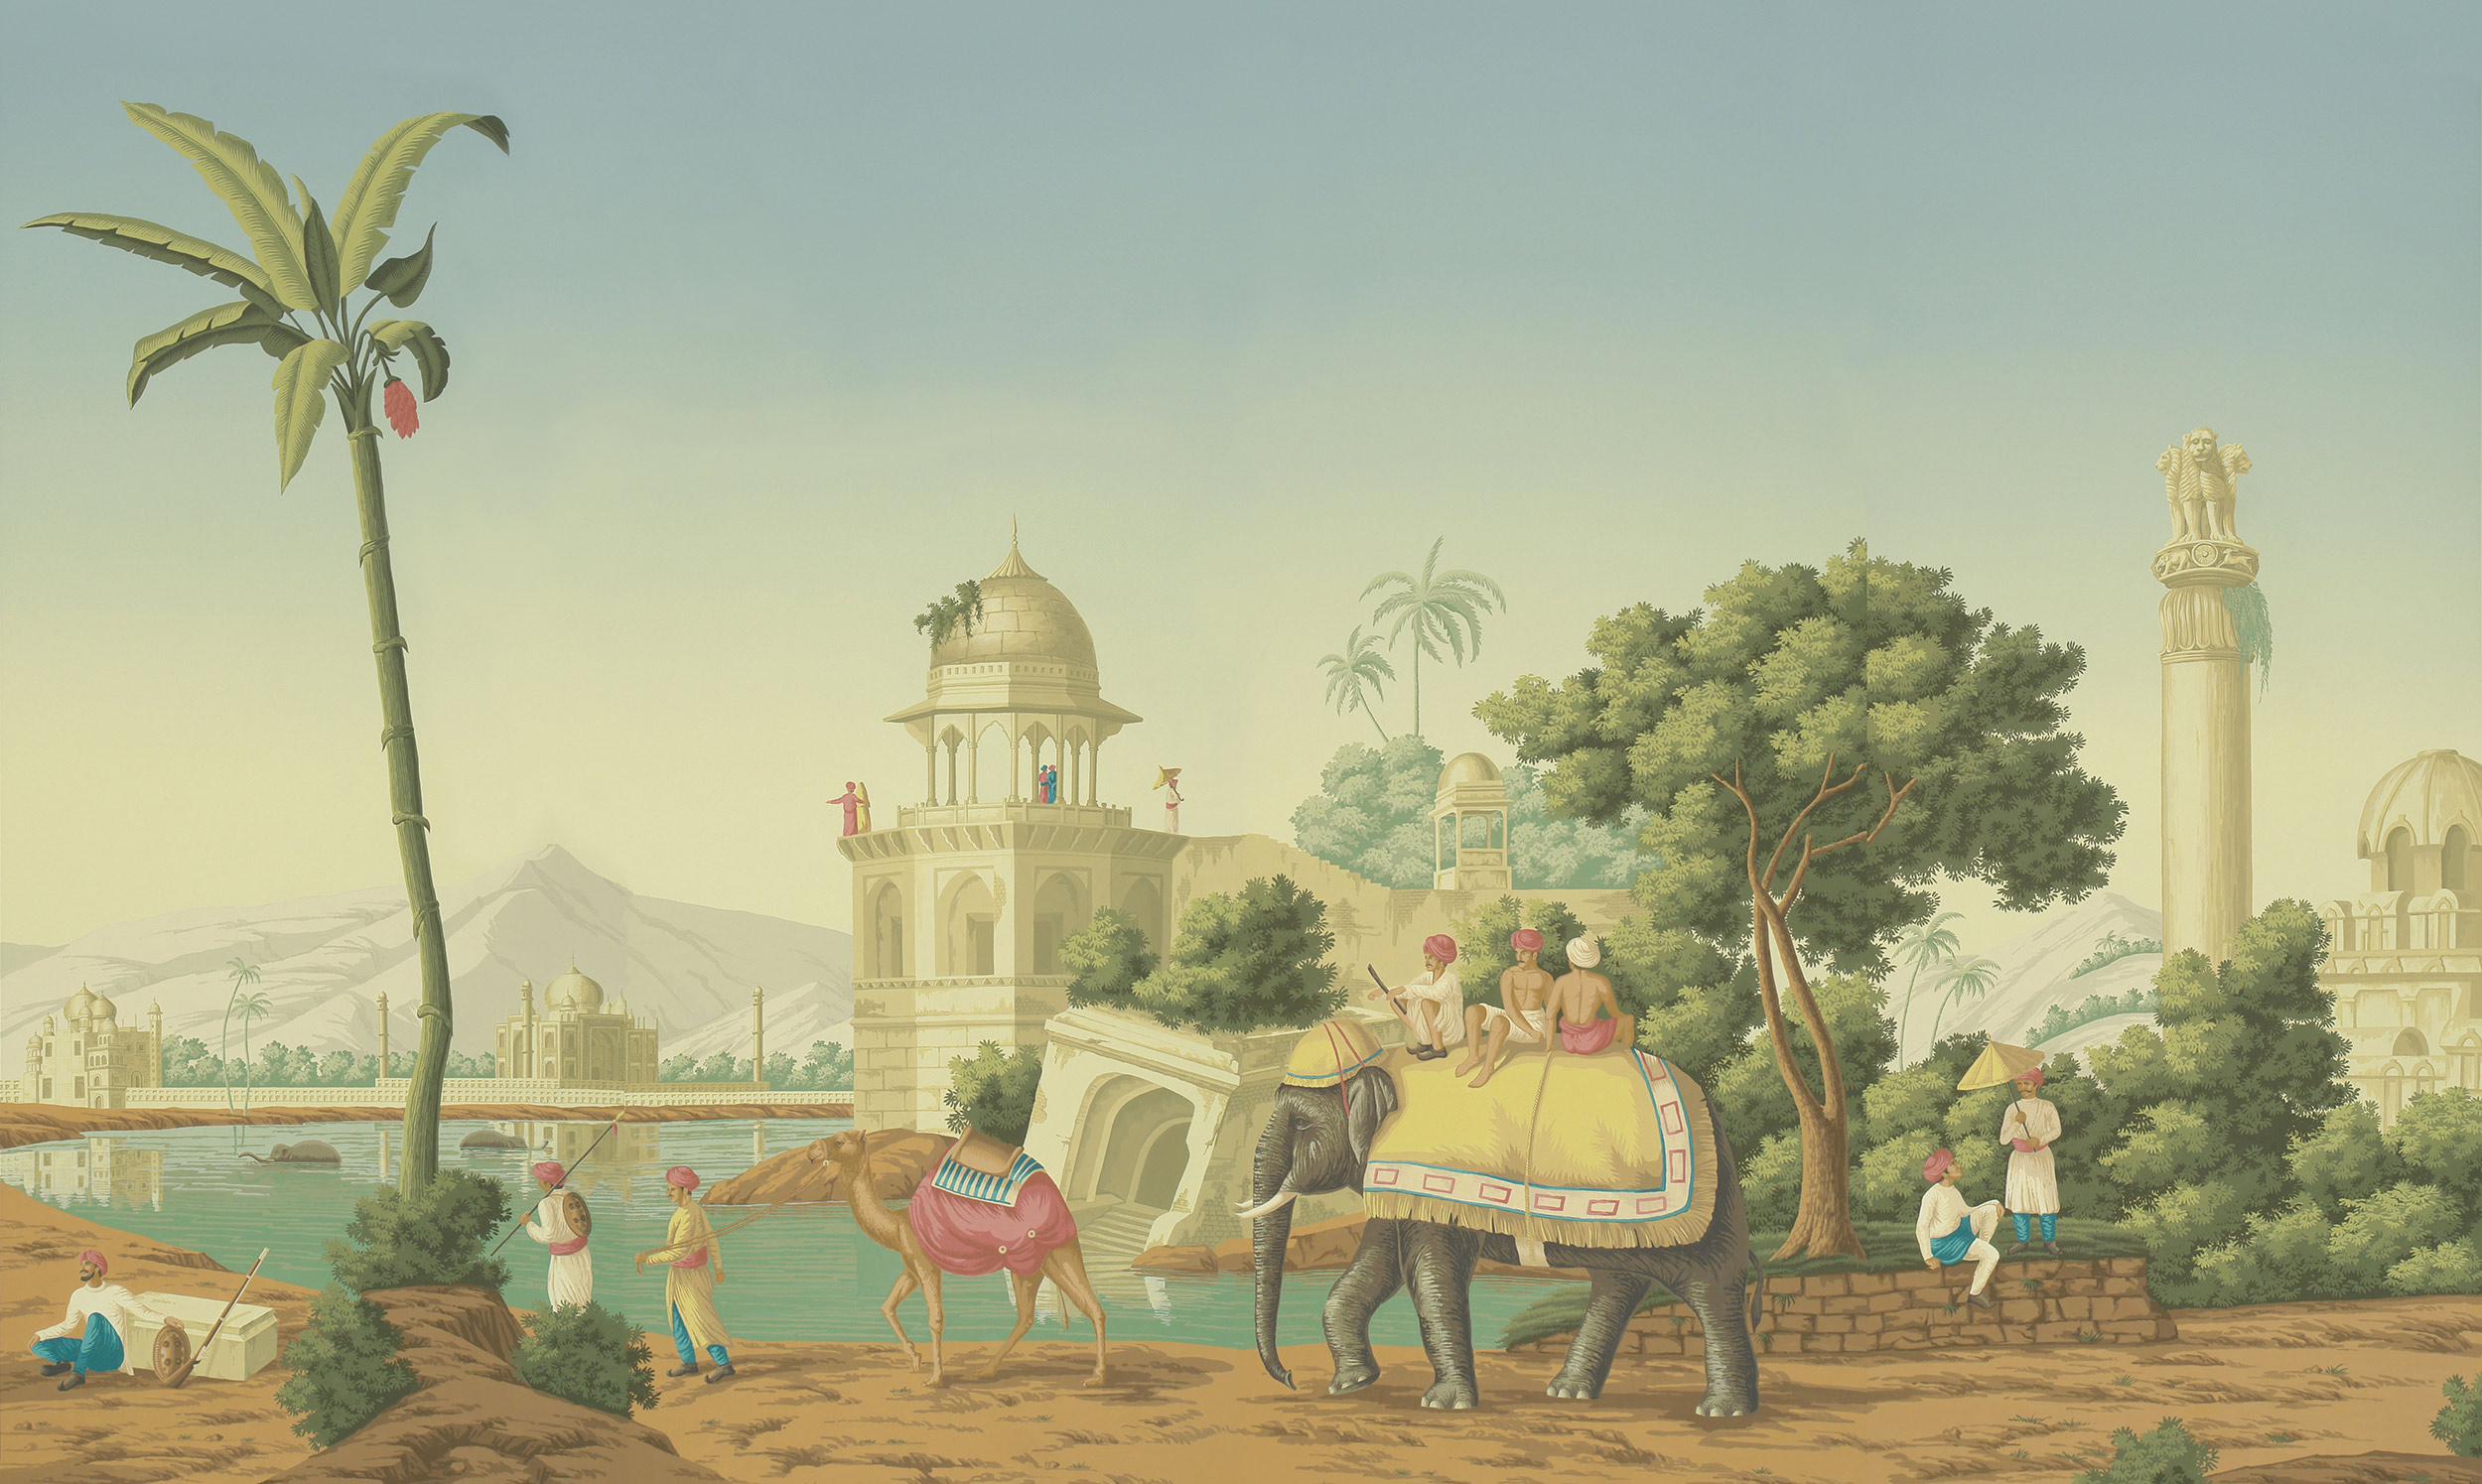 Verdoyant on scenic paper